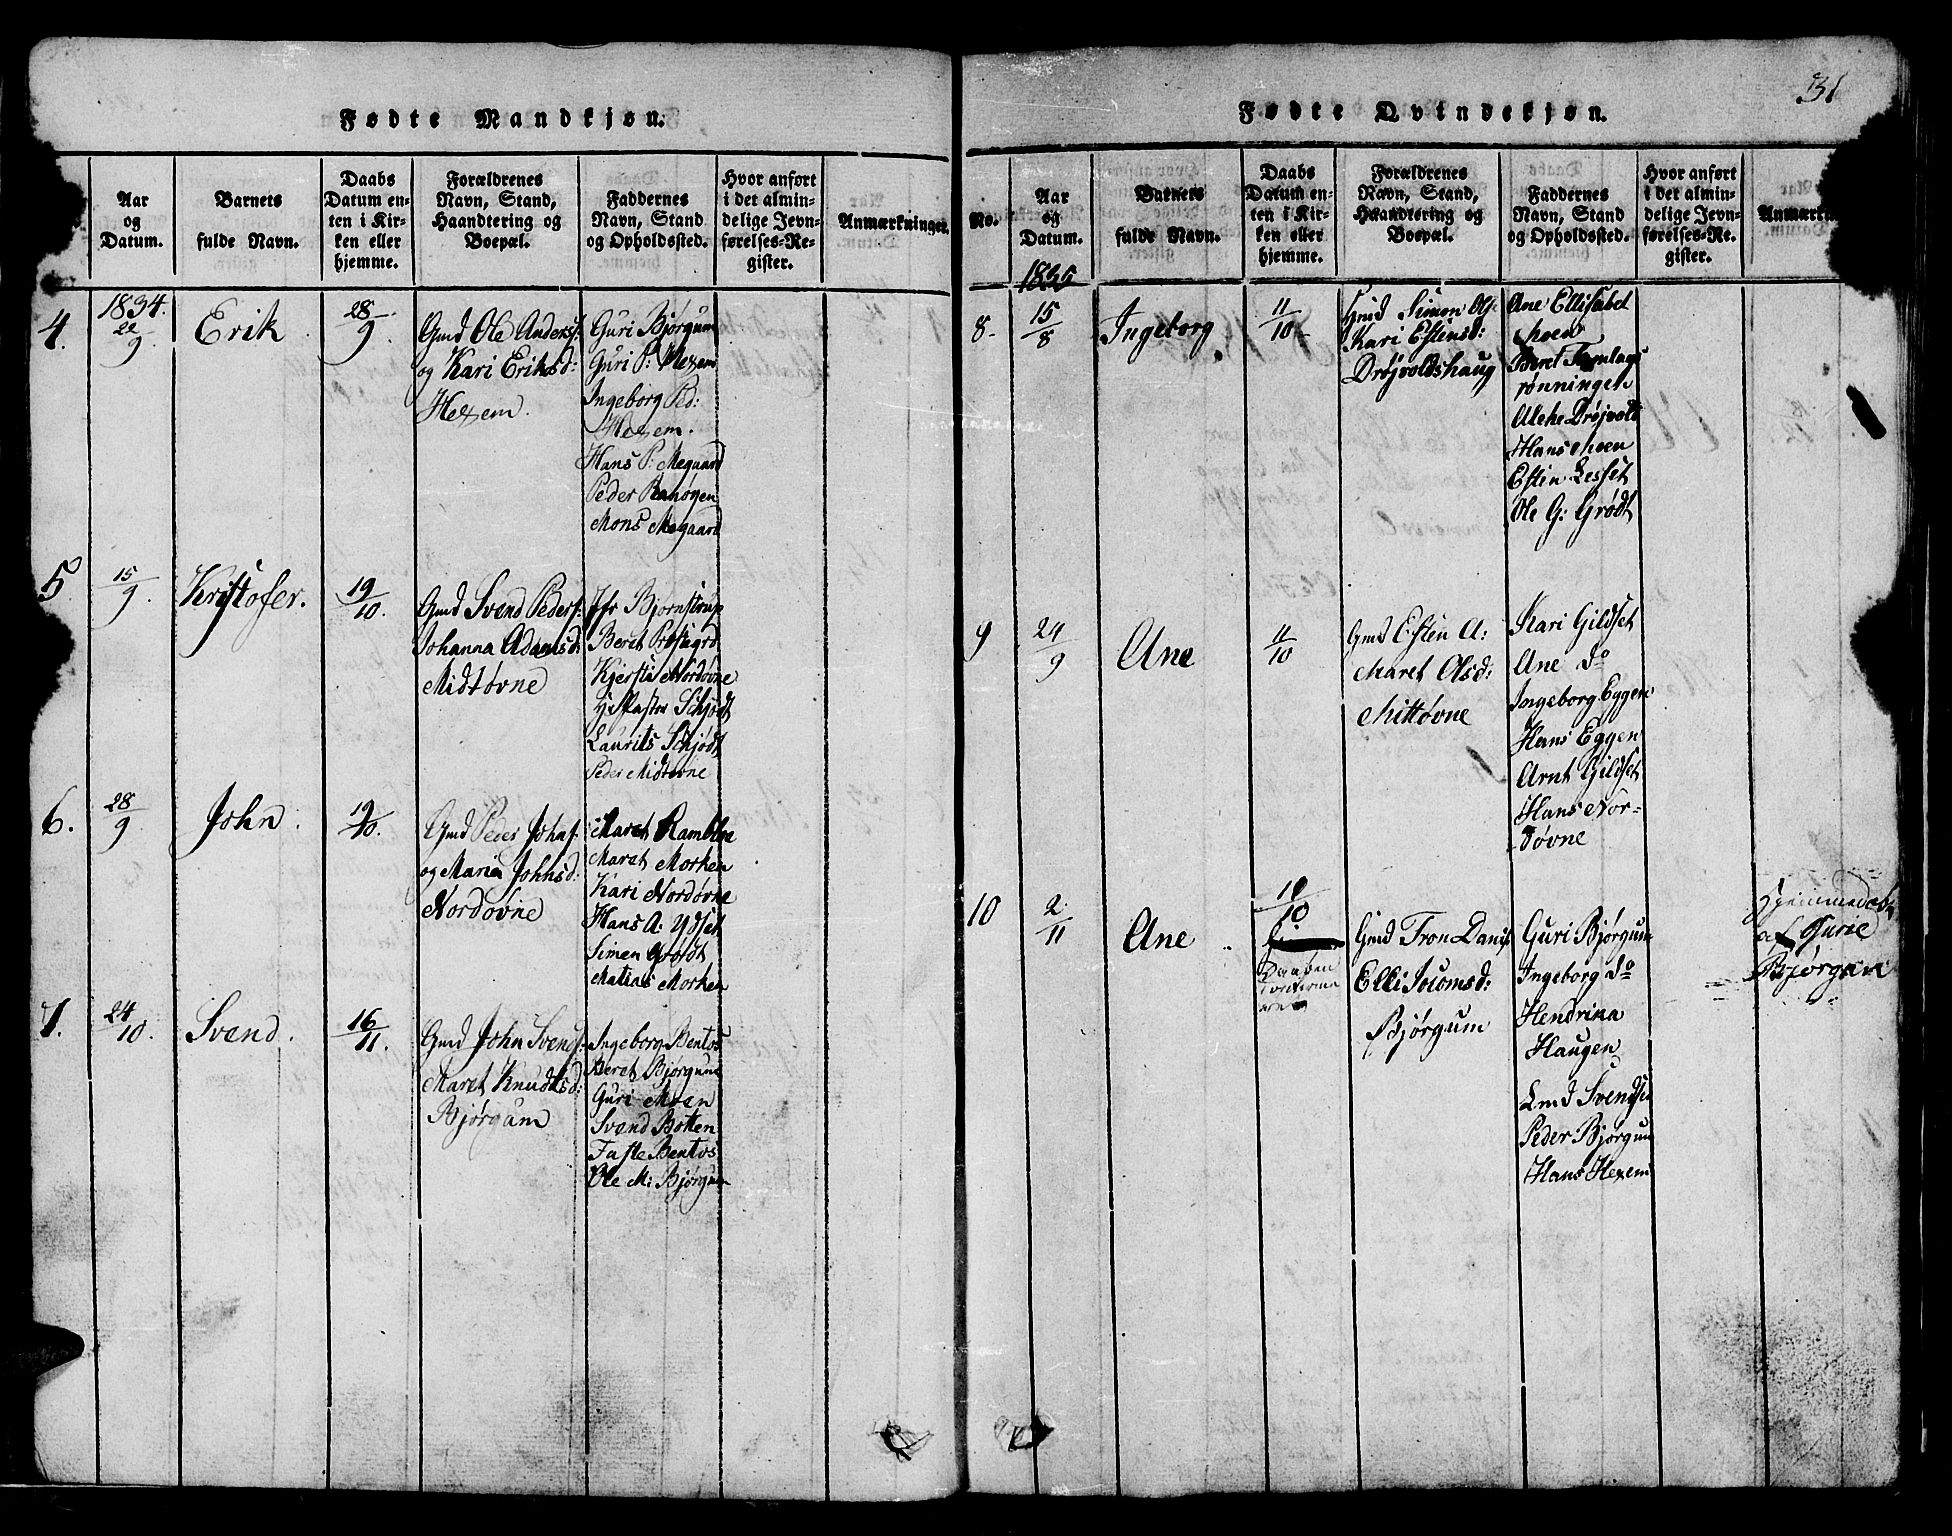 SAT, Ministerialprotokoller, klokkerbøker og fødselsregistre - Sør-Trøndelag, 685/L0976: Klokkerbok nr. 685C01, 1817-1878, s. 31